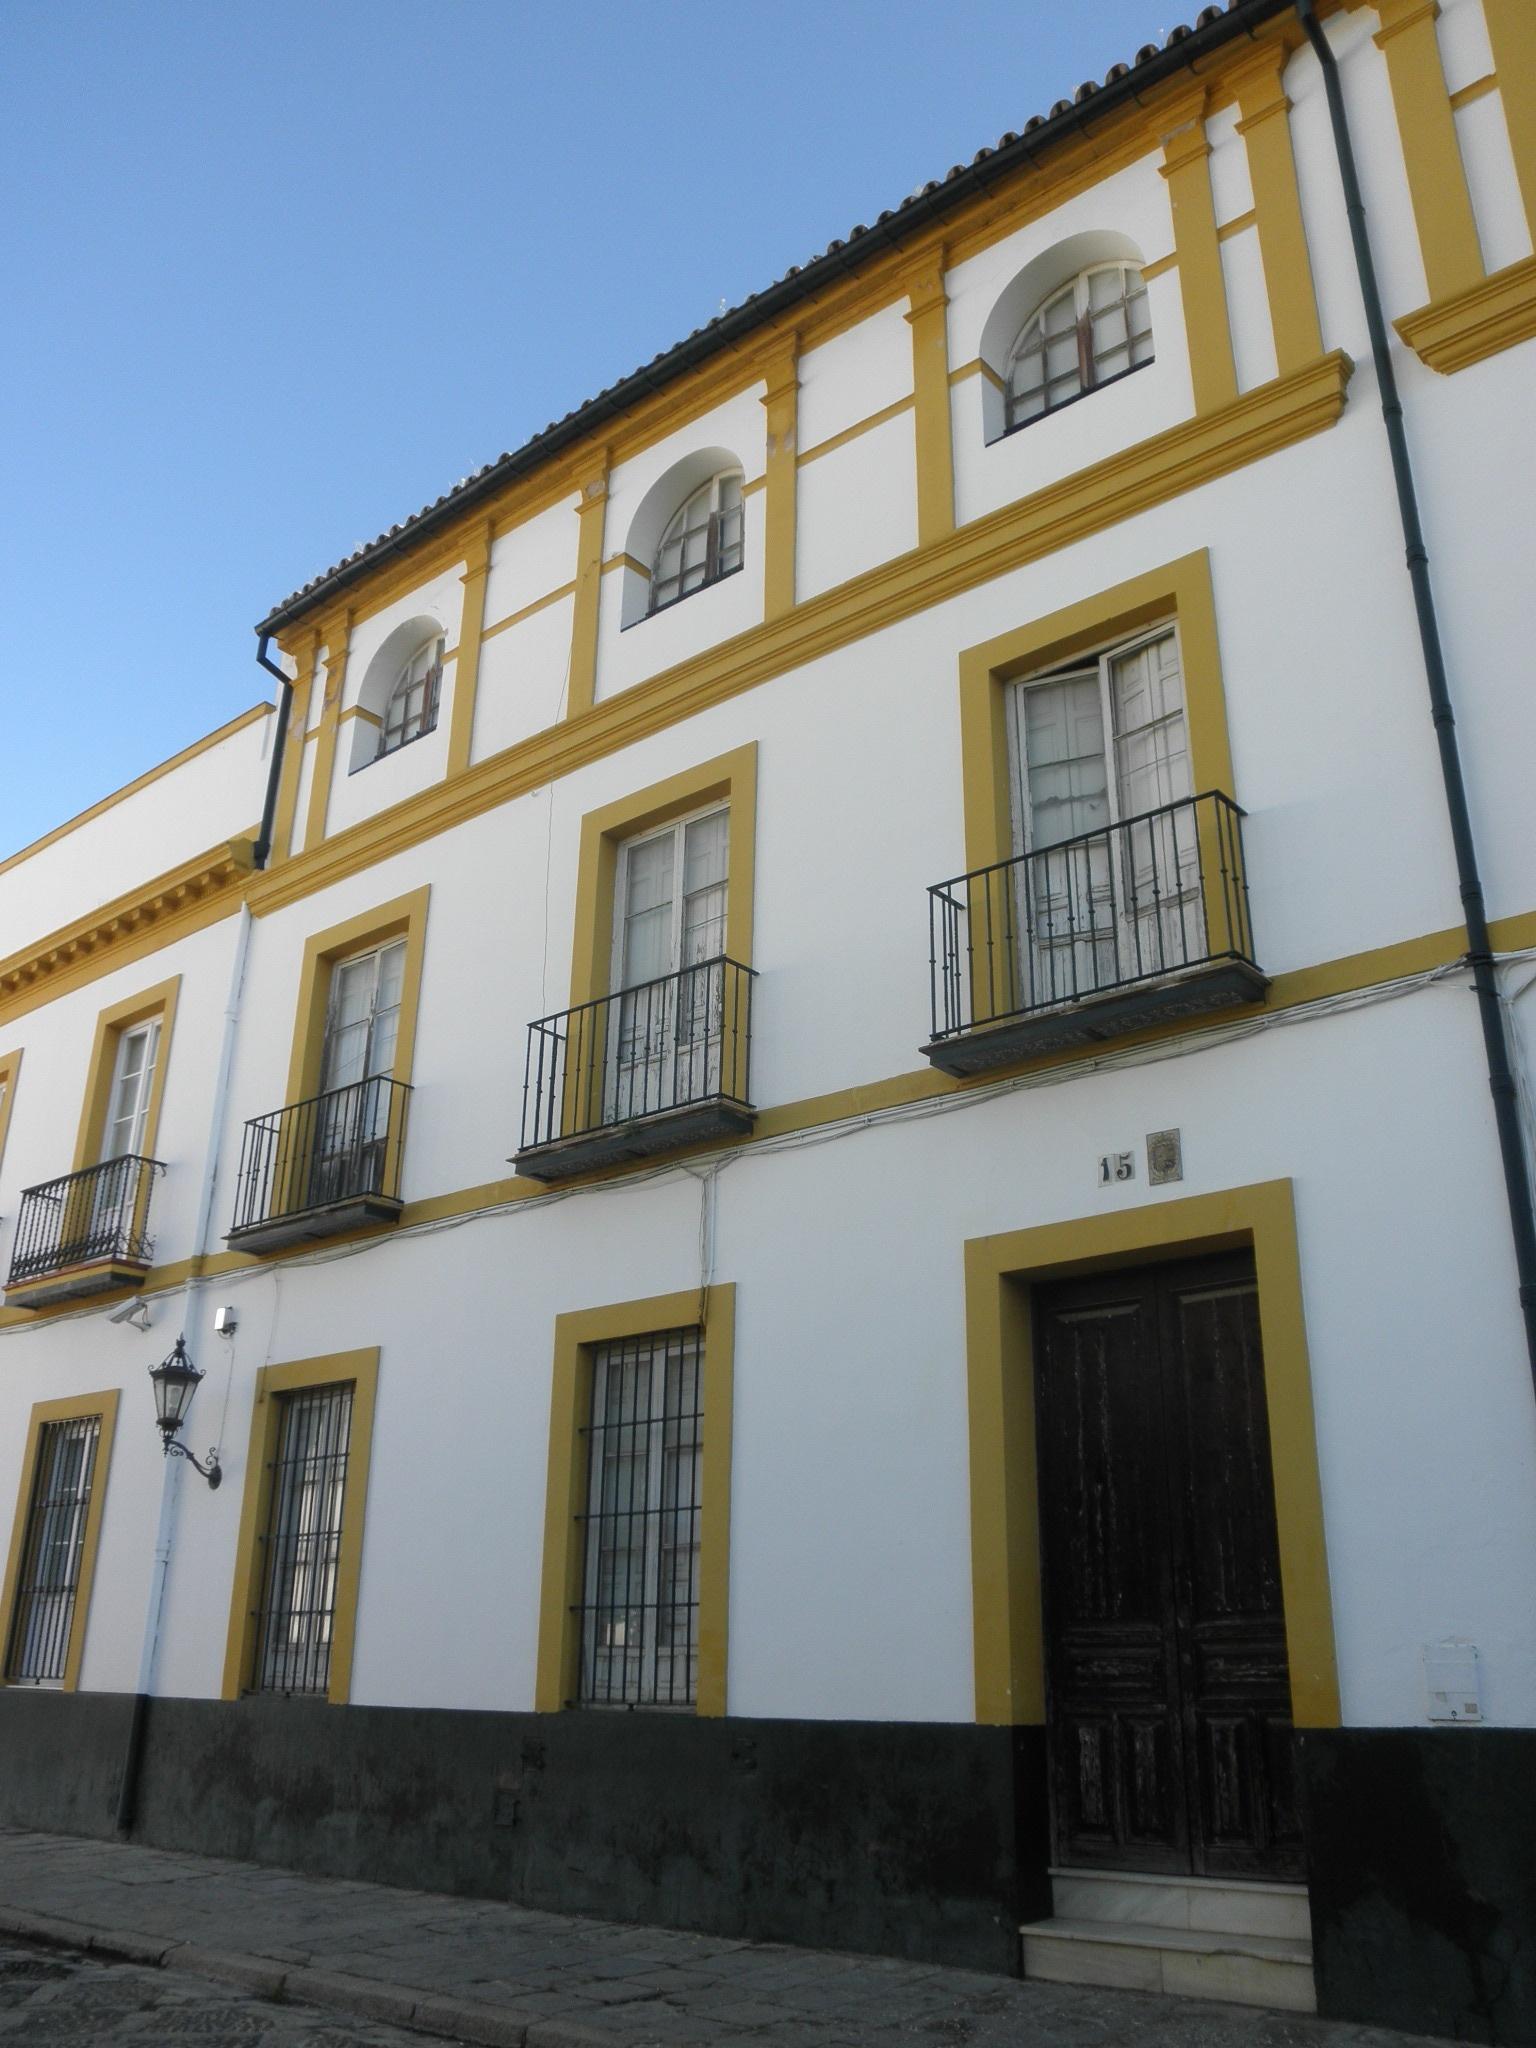 El PSOE reclama que el Estado paralice la enajenación de siete viviendas del entorno del Patio de Banderas